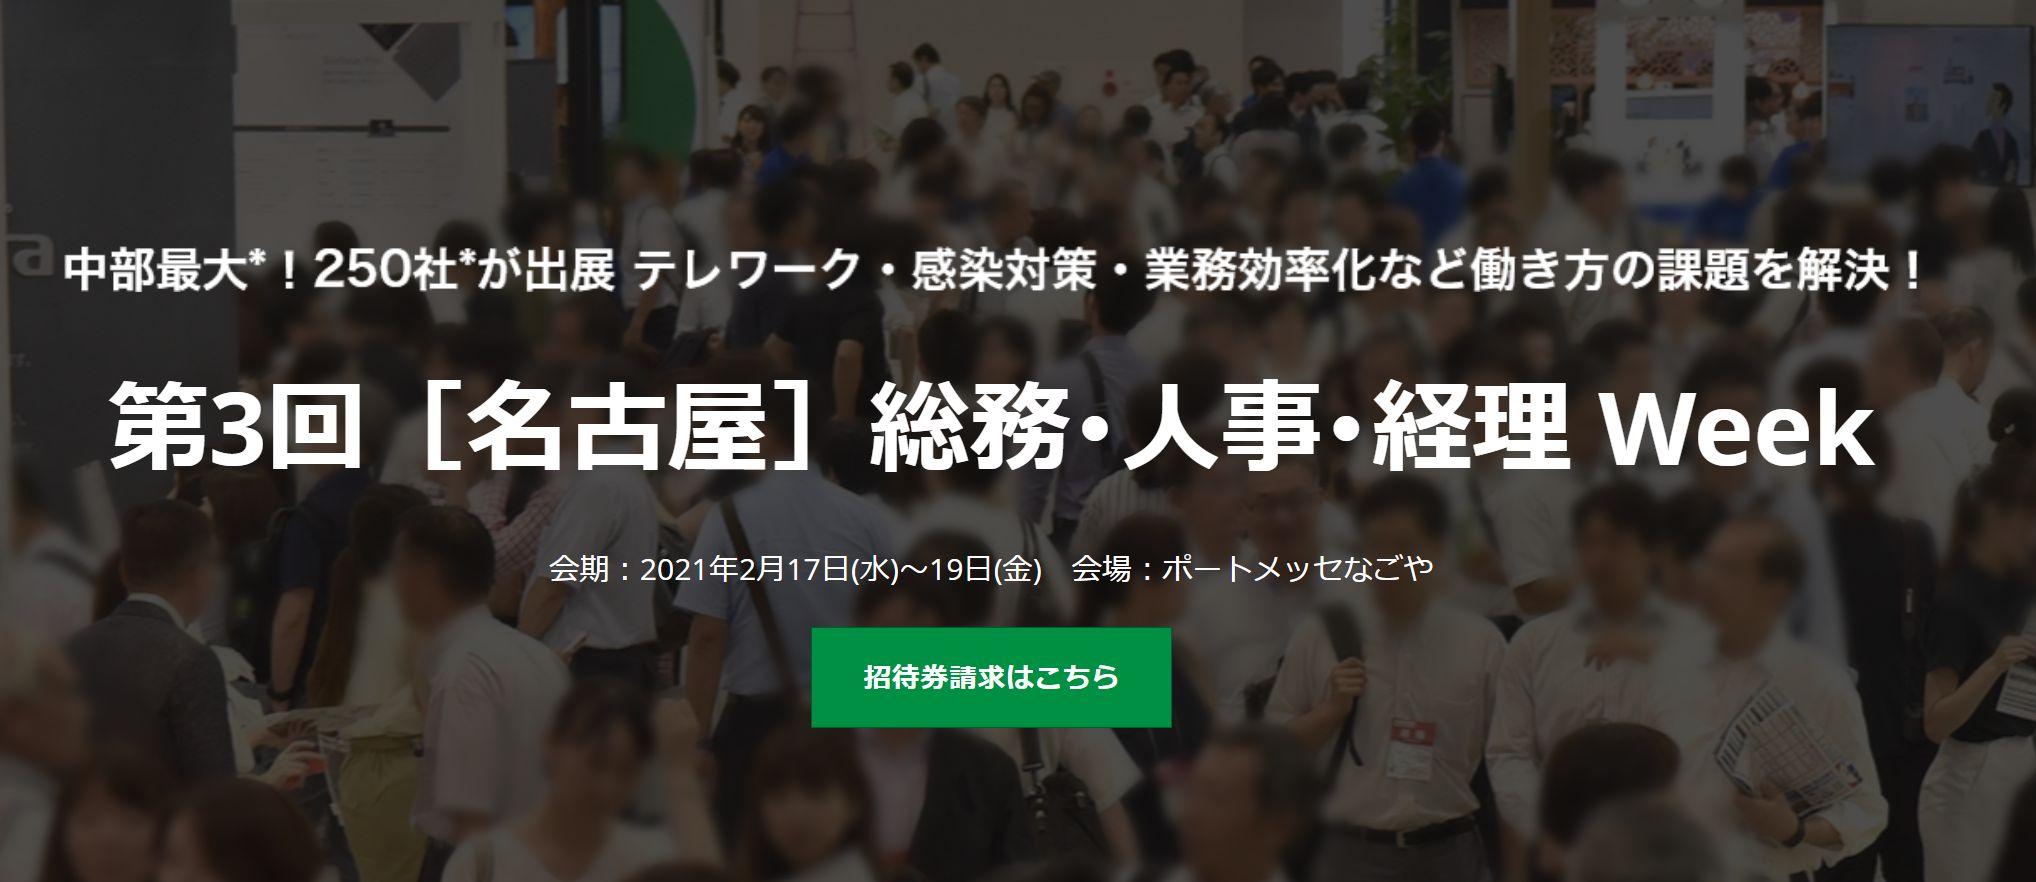 中部地方の管理部門向け必見!!「第3回「名古屋」総務・人事・経理Week」